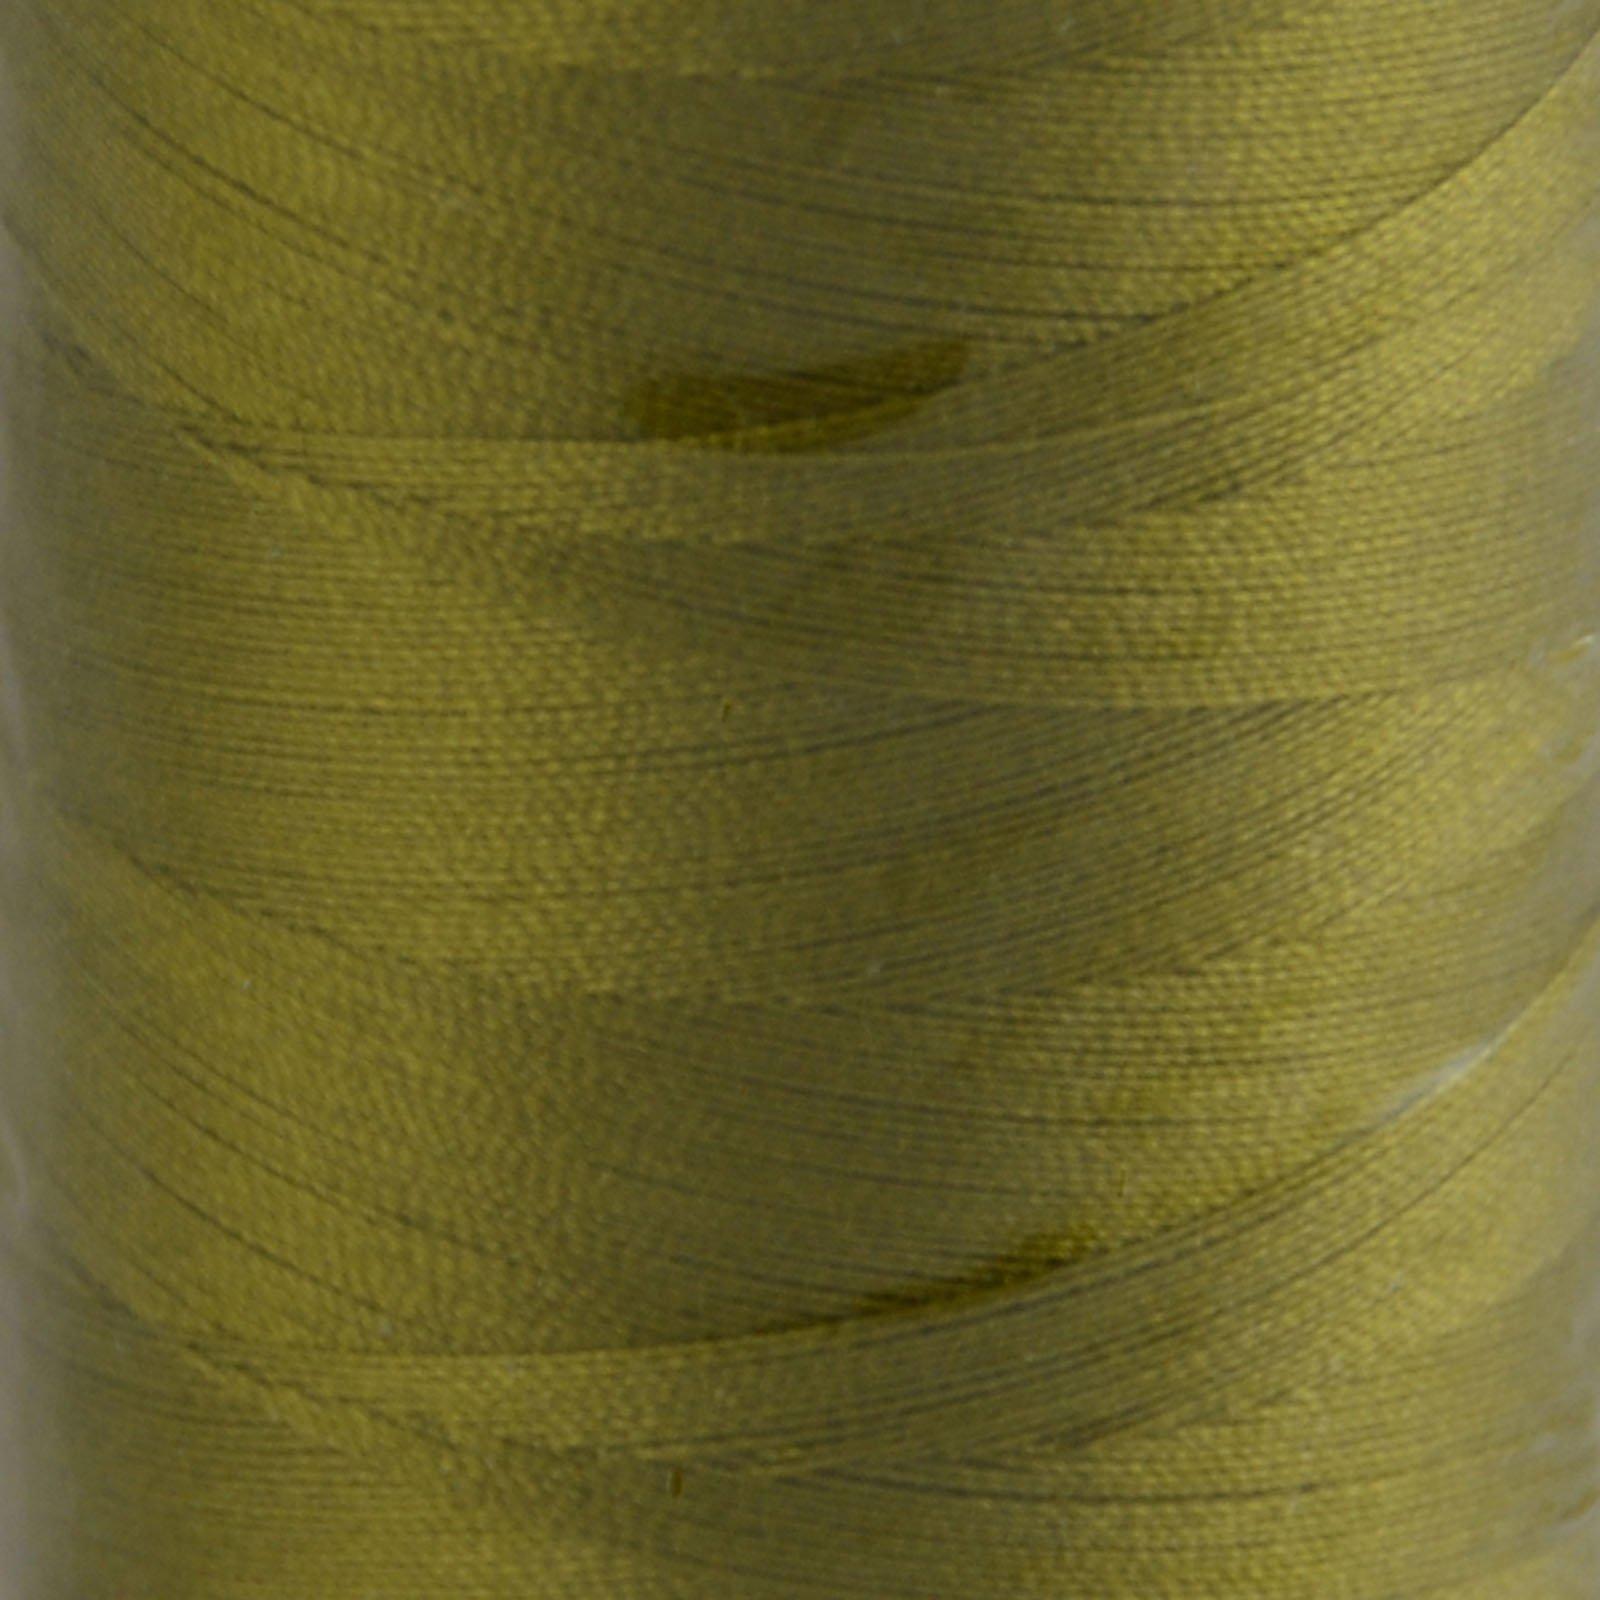 # 2910 Medium Olive